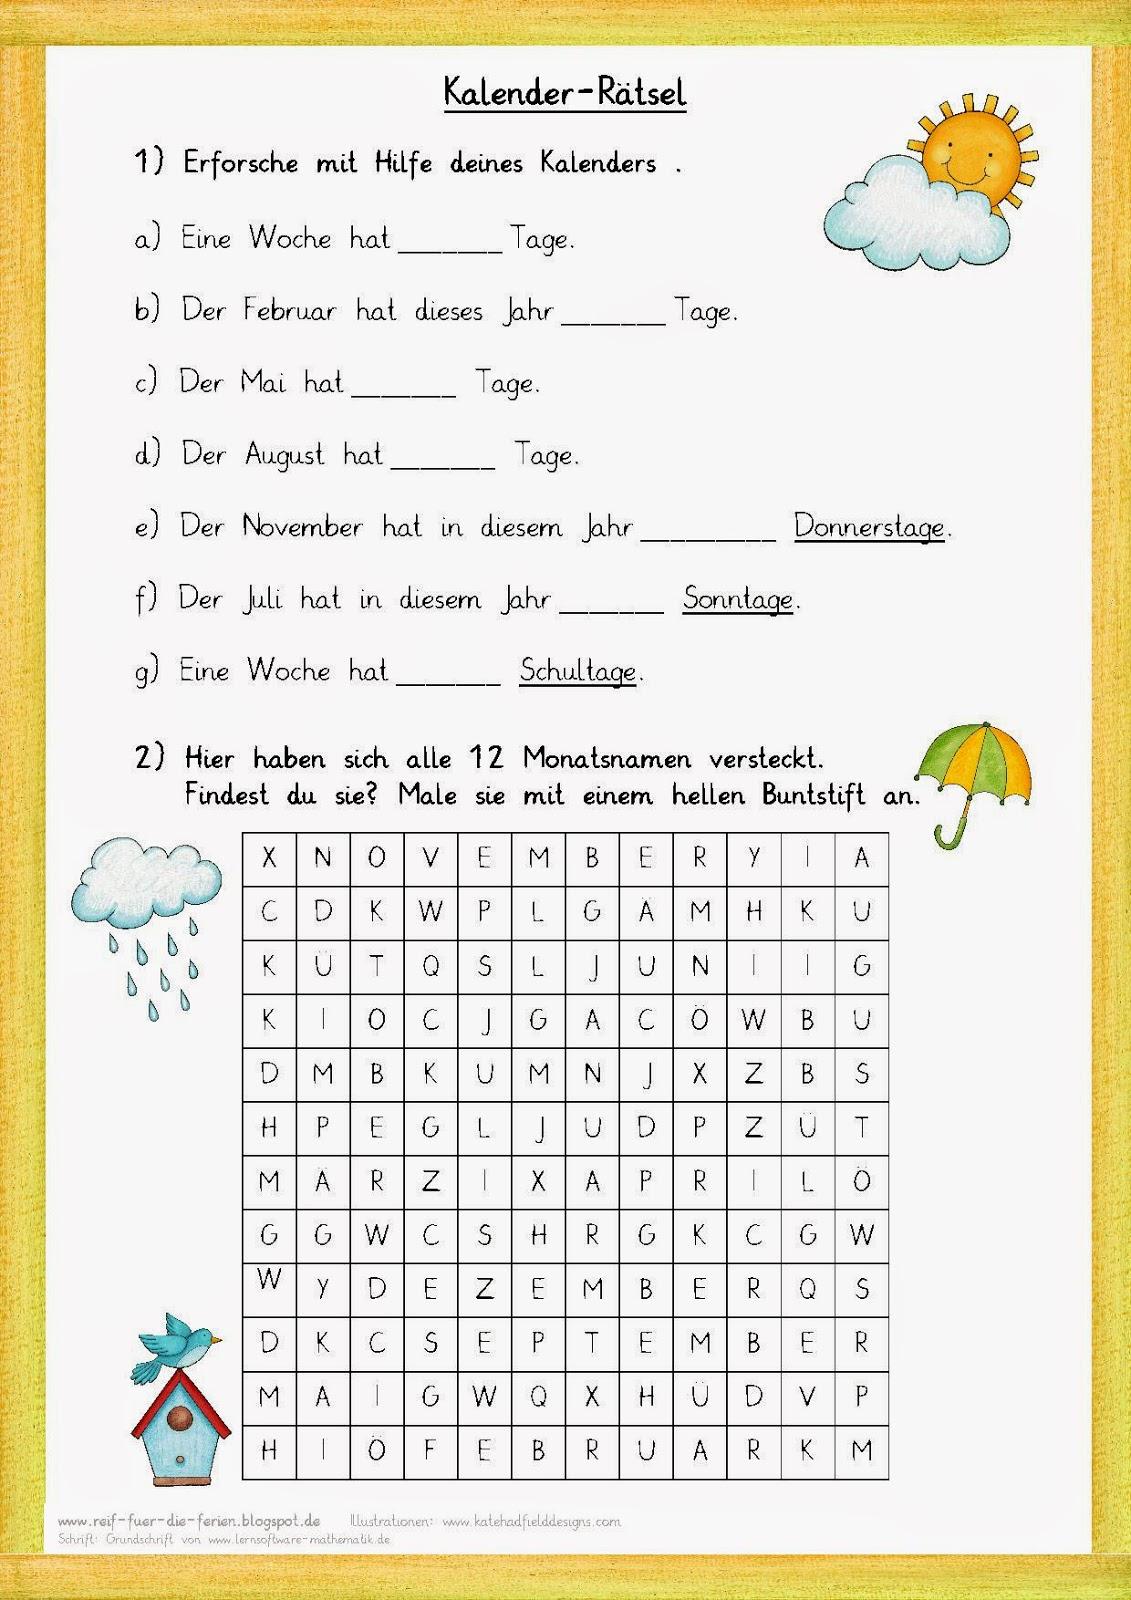 Reif Für Die Ferien: Kalender-Rätsel Zum Jahr innen Rätselfragen Für Kinder